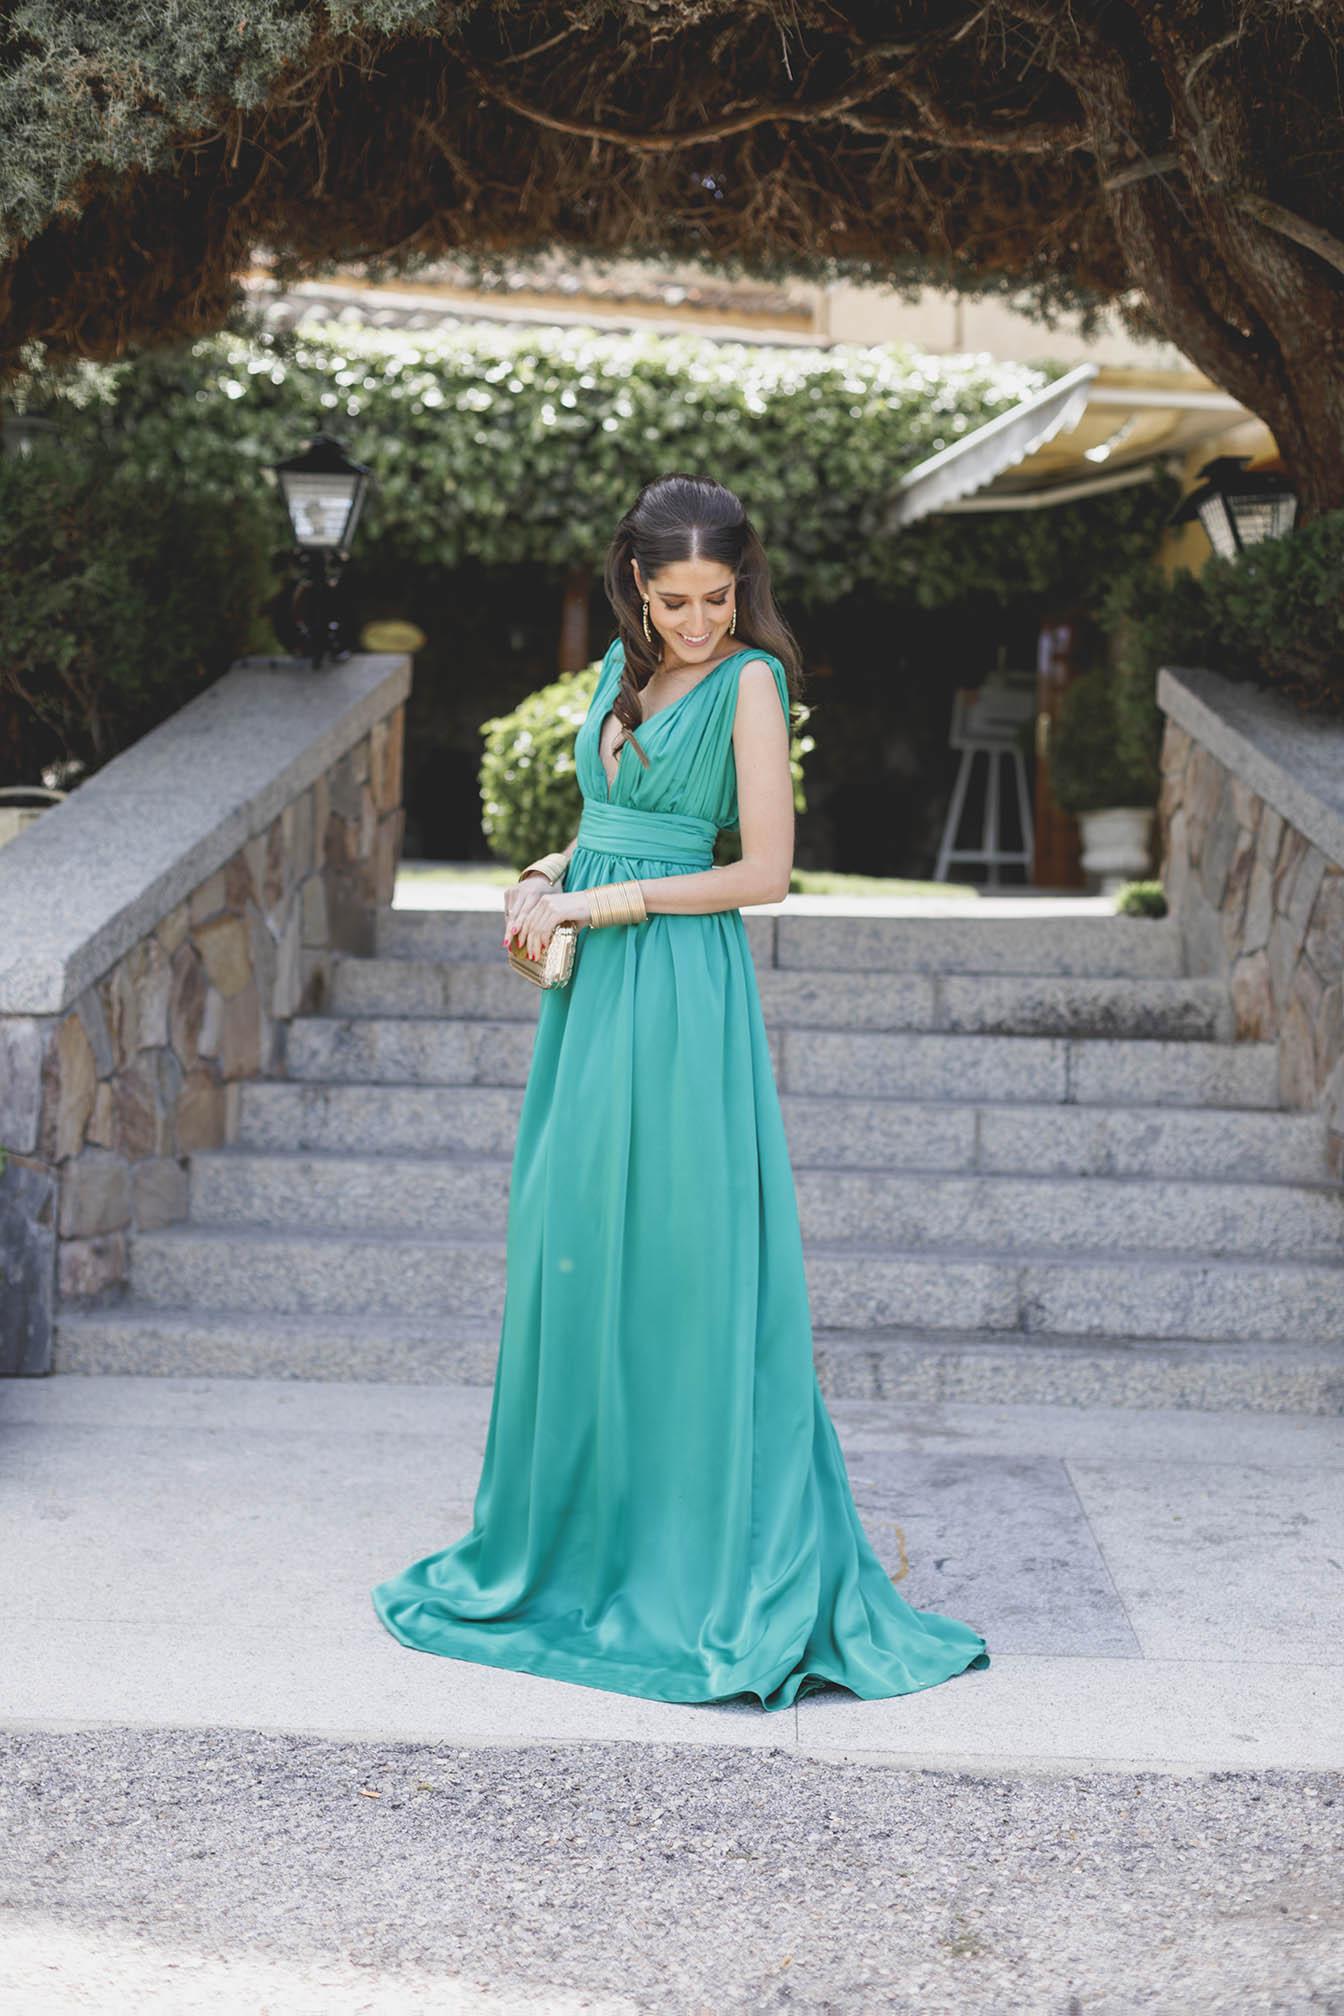 Look invitada boda noche vestido largo verde peinado pelo suelto ondas invitada perfecta 2018